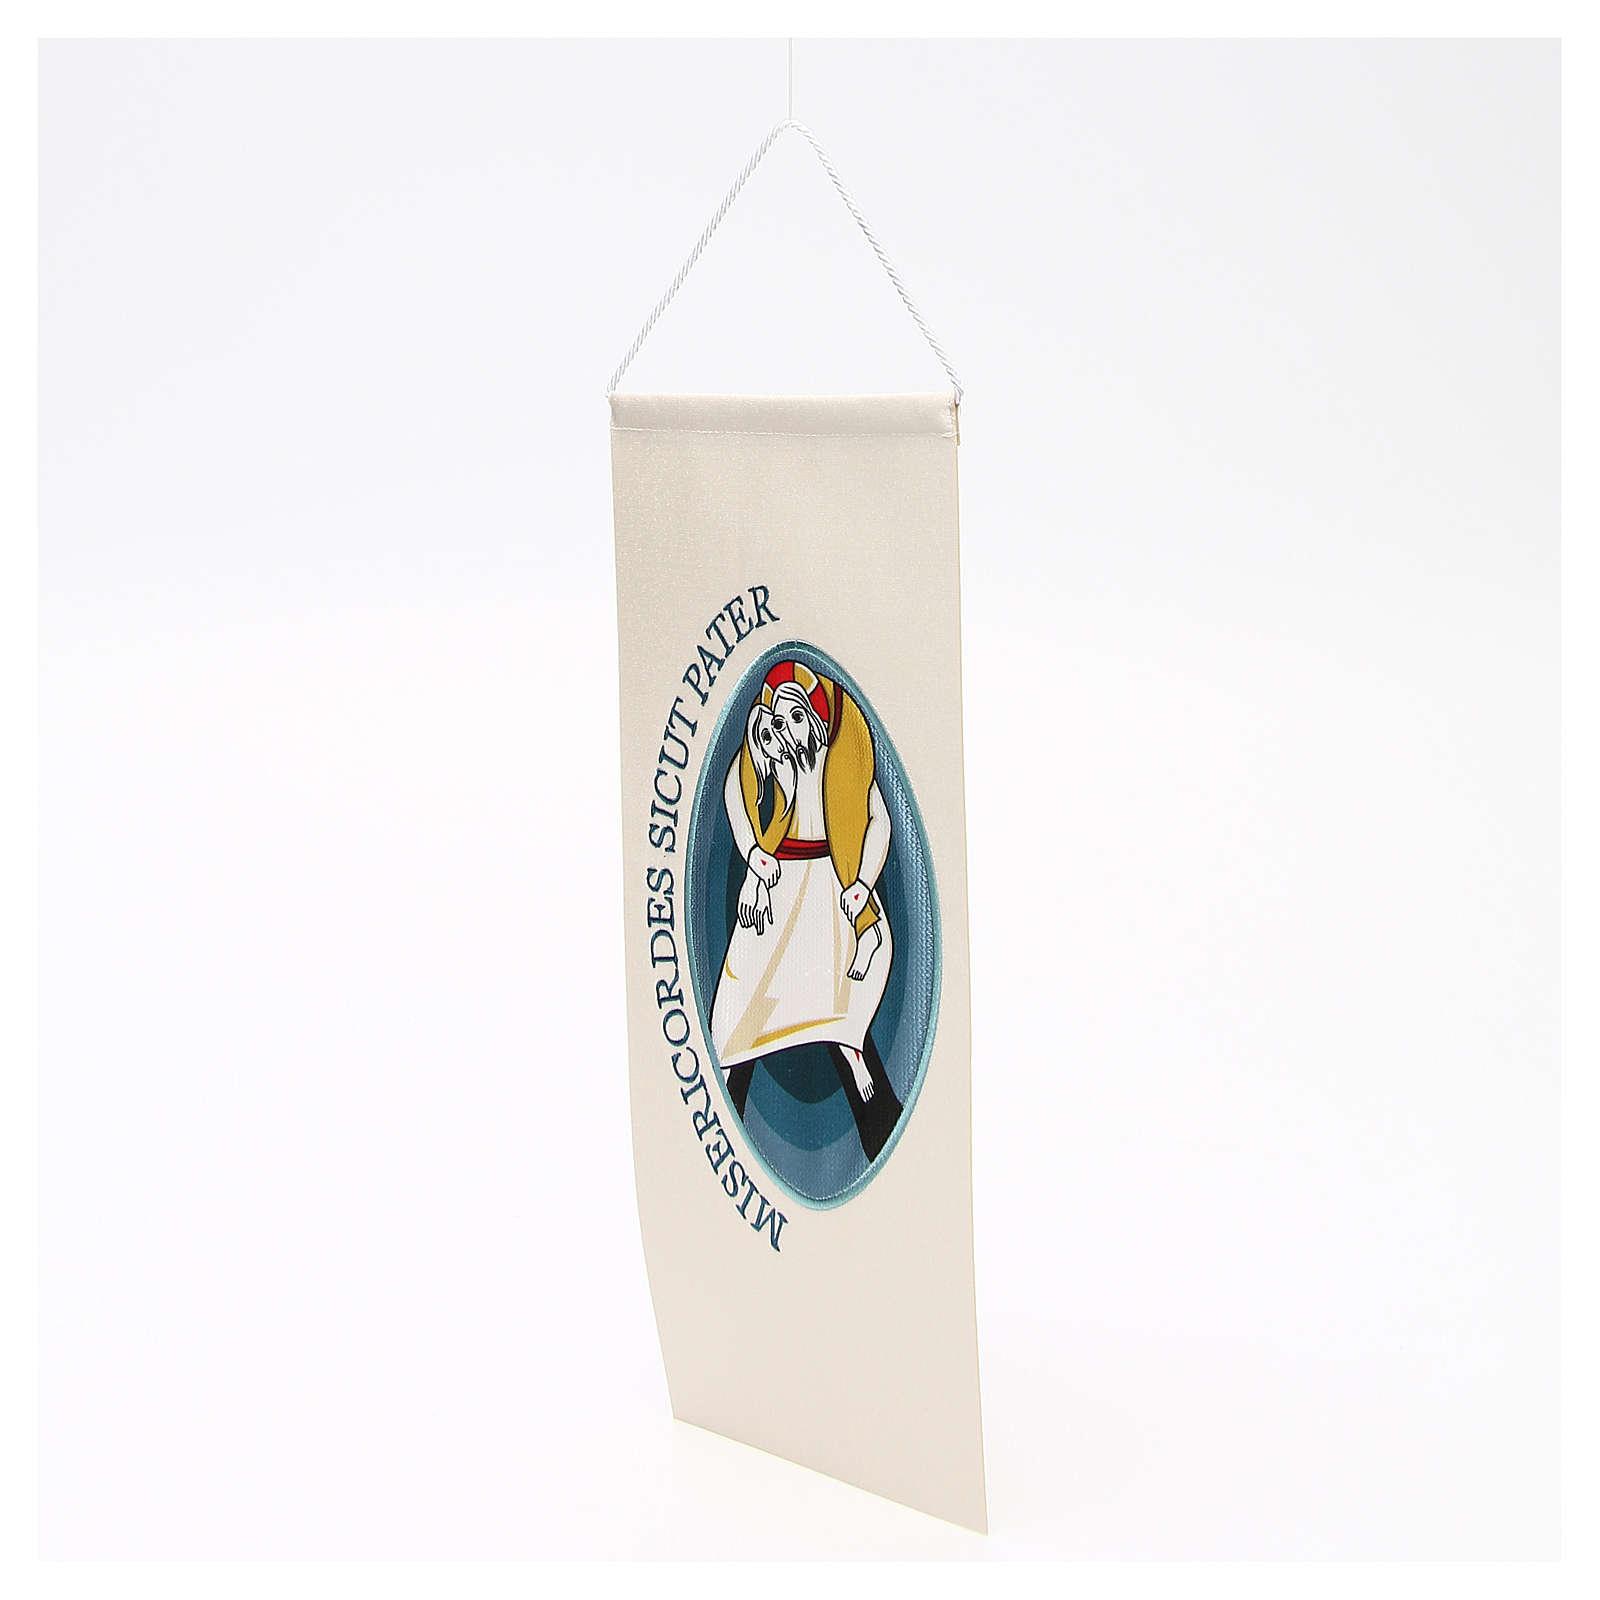 STOCK Estendarte Símbolo Jubileu bordado aplicado 18x40 cm 3